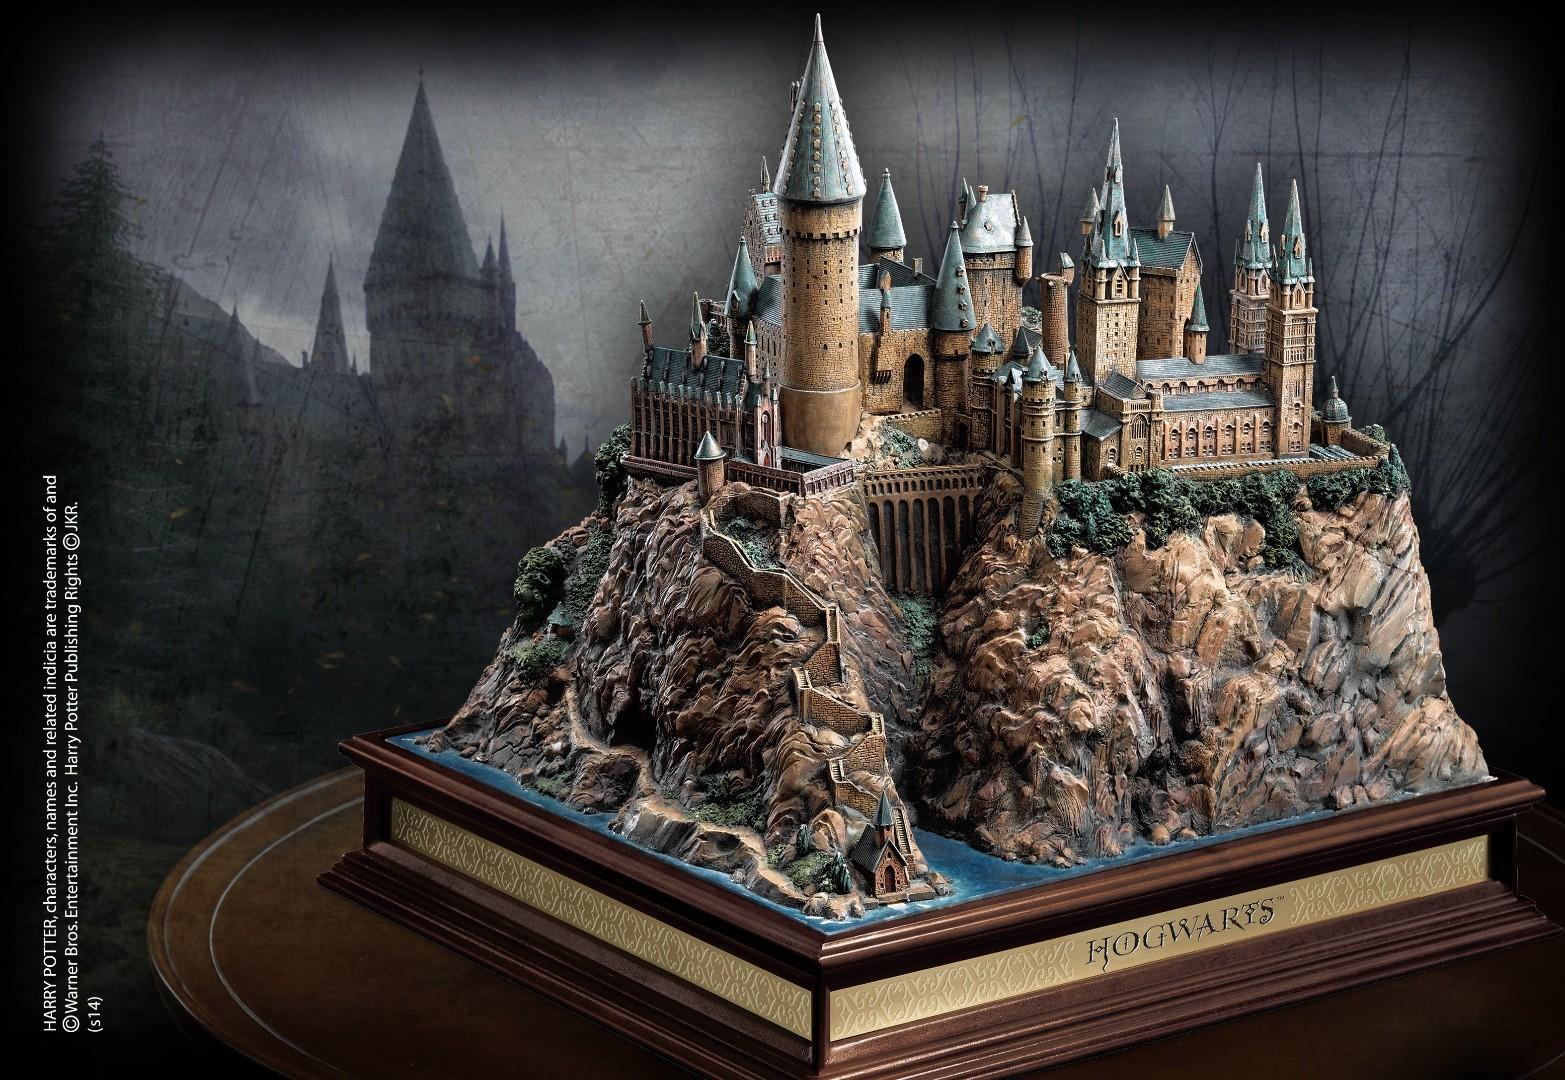 Hogwarts School Sculpture